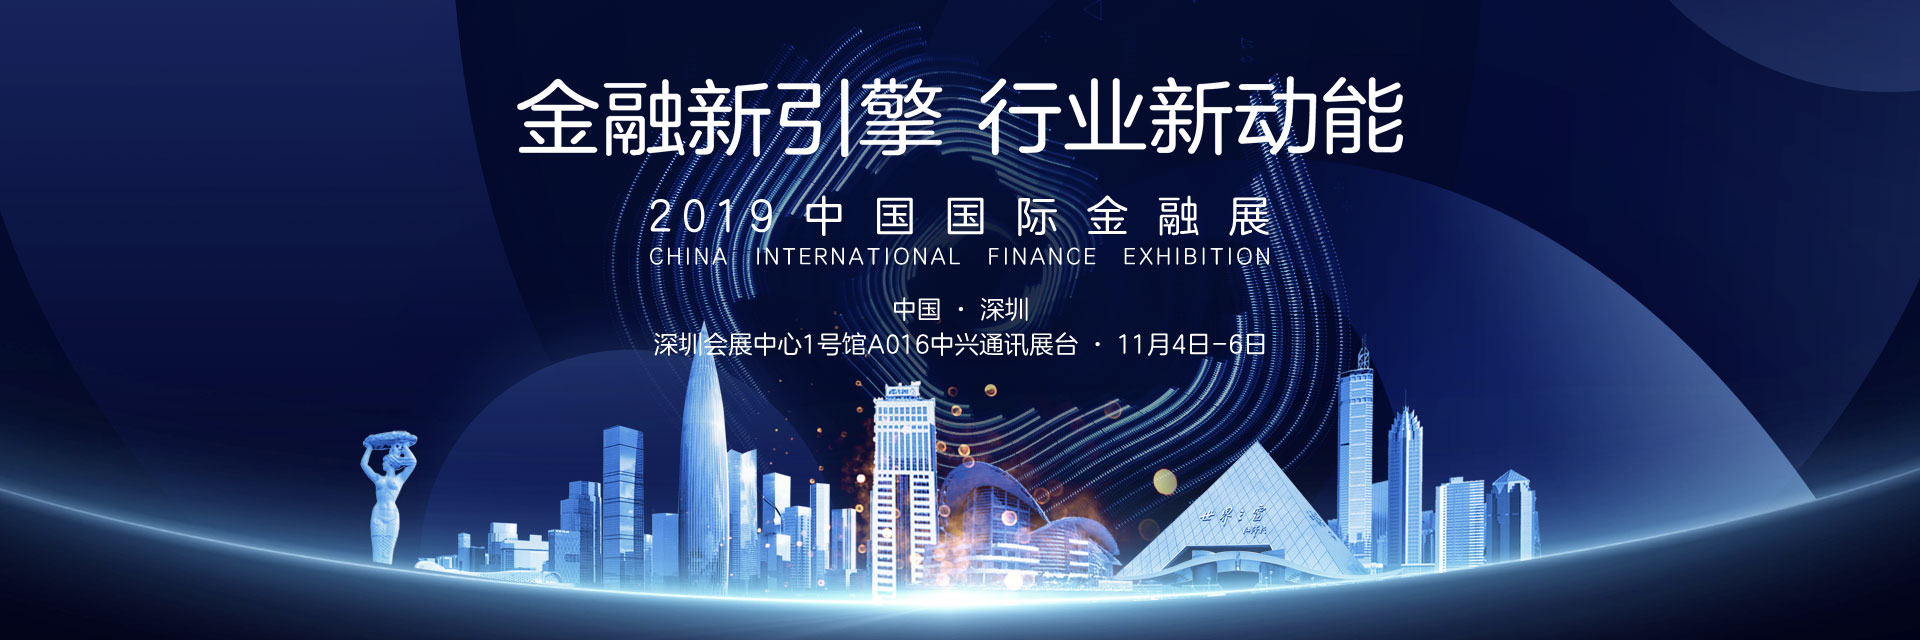 2019中国国际金融展